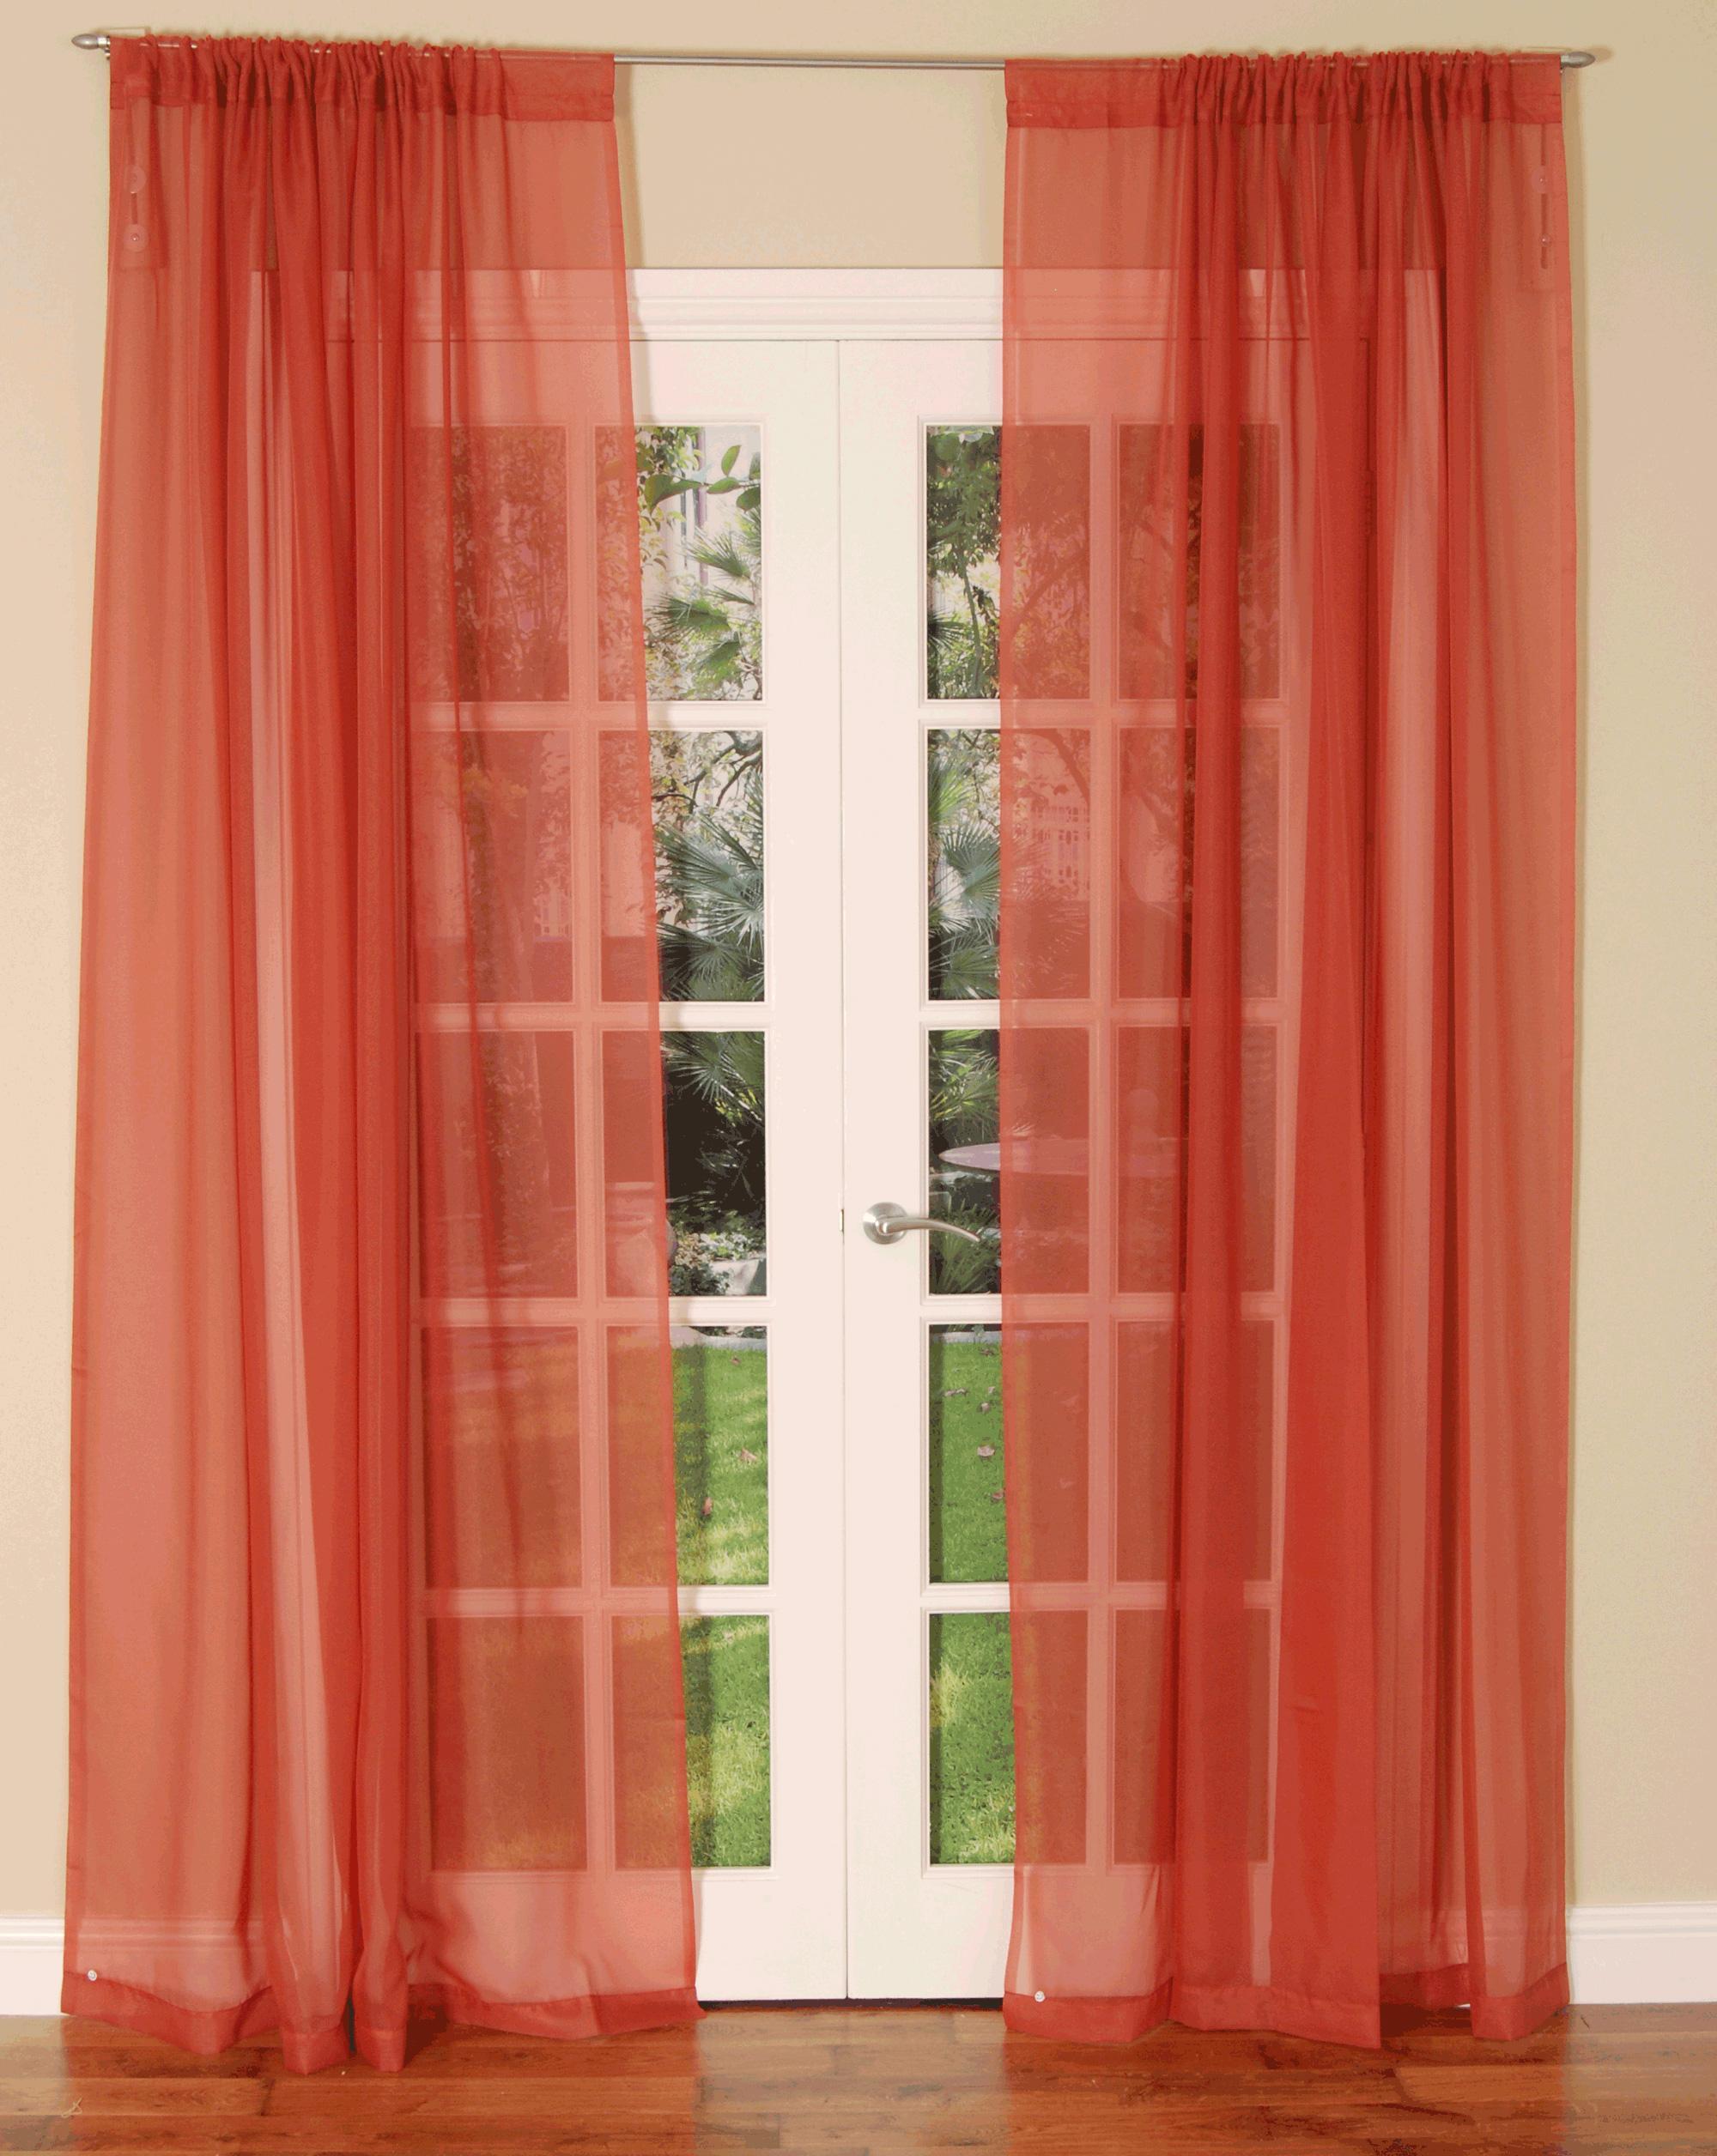 voile curtains slot top voile curtain panel HJTSDEC